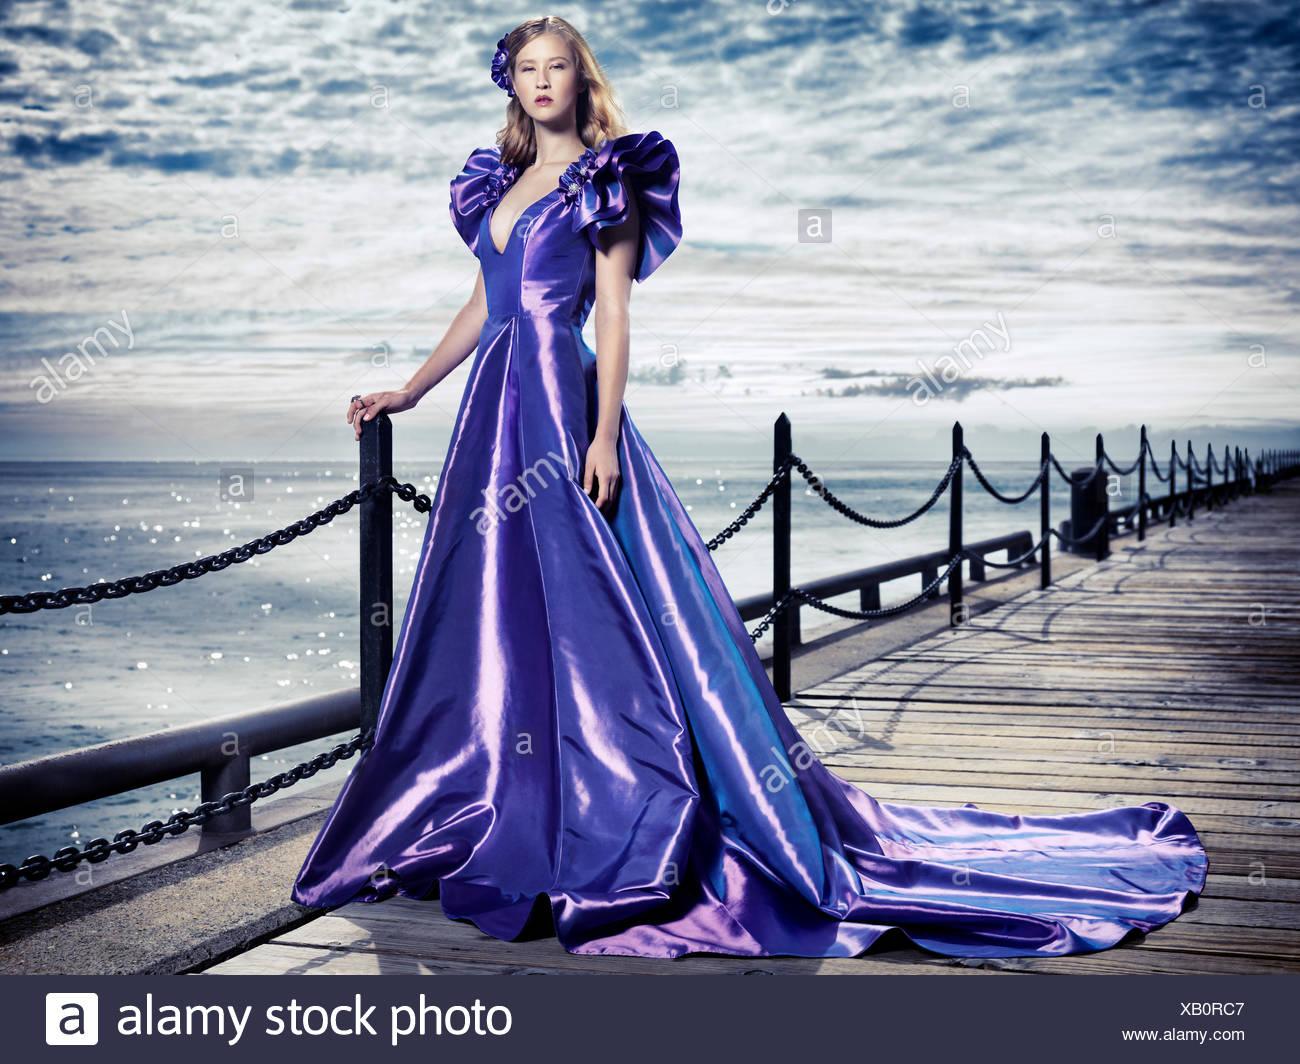 Evening Dress Imágenes De Stock & Evening Dress Fotos De Stock - Alamy